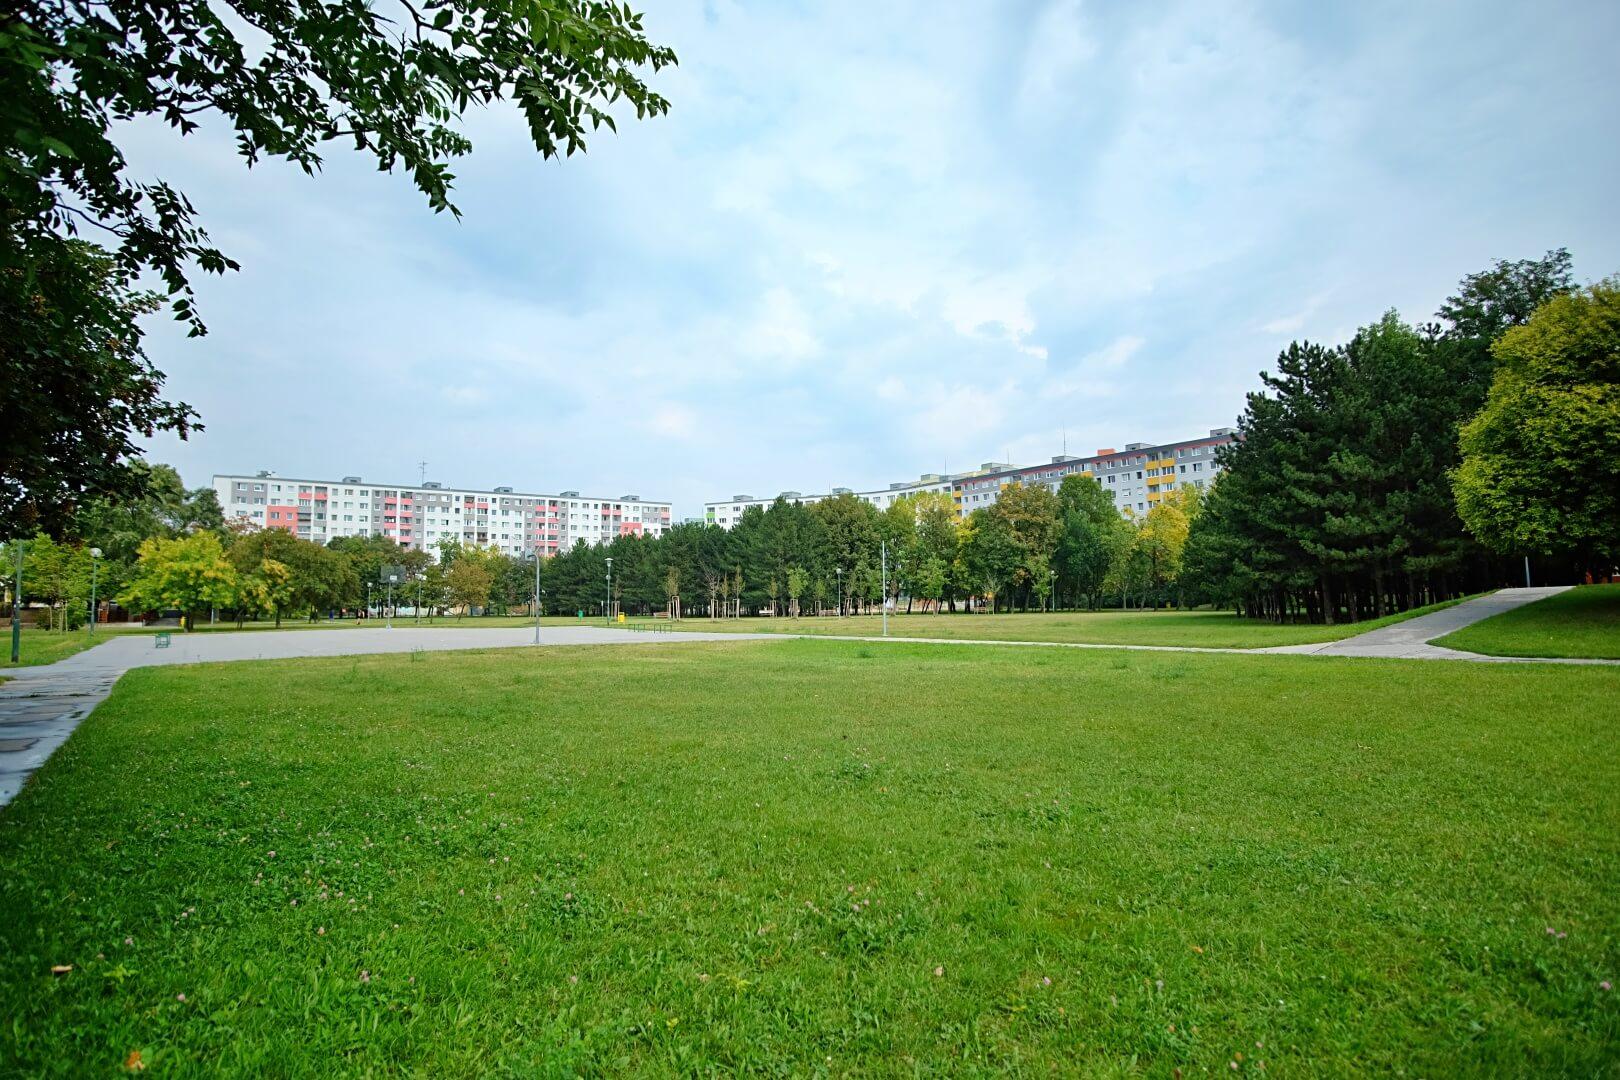 Predané: Na predaj 4 izbový byt v4-poschodovom bytovom dome svýťahom ulica Vyšehradská, Bratislava.-16